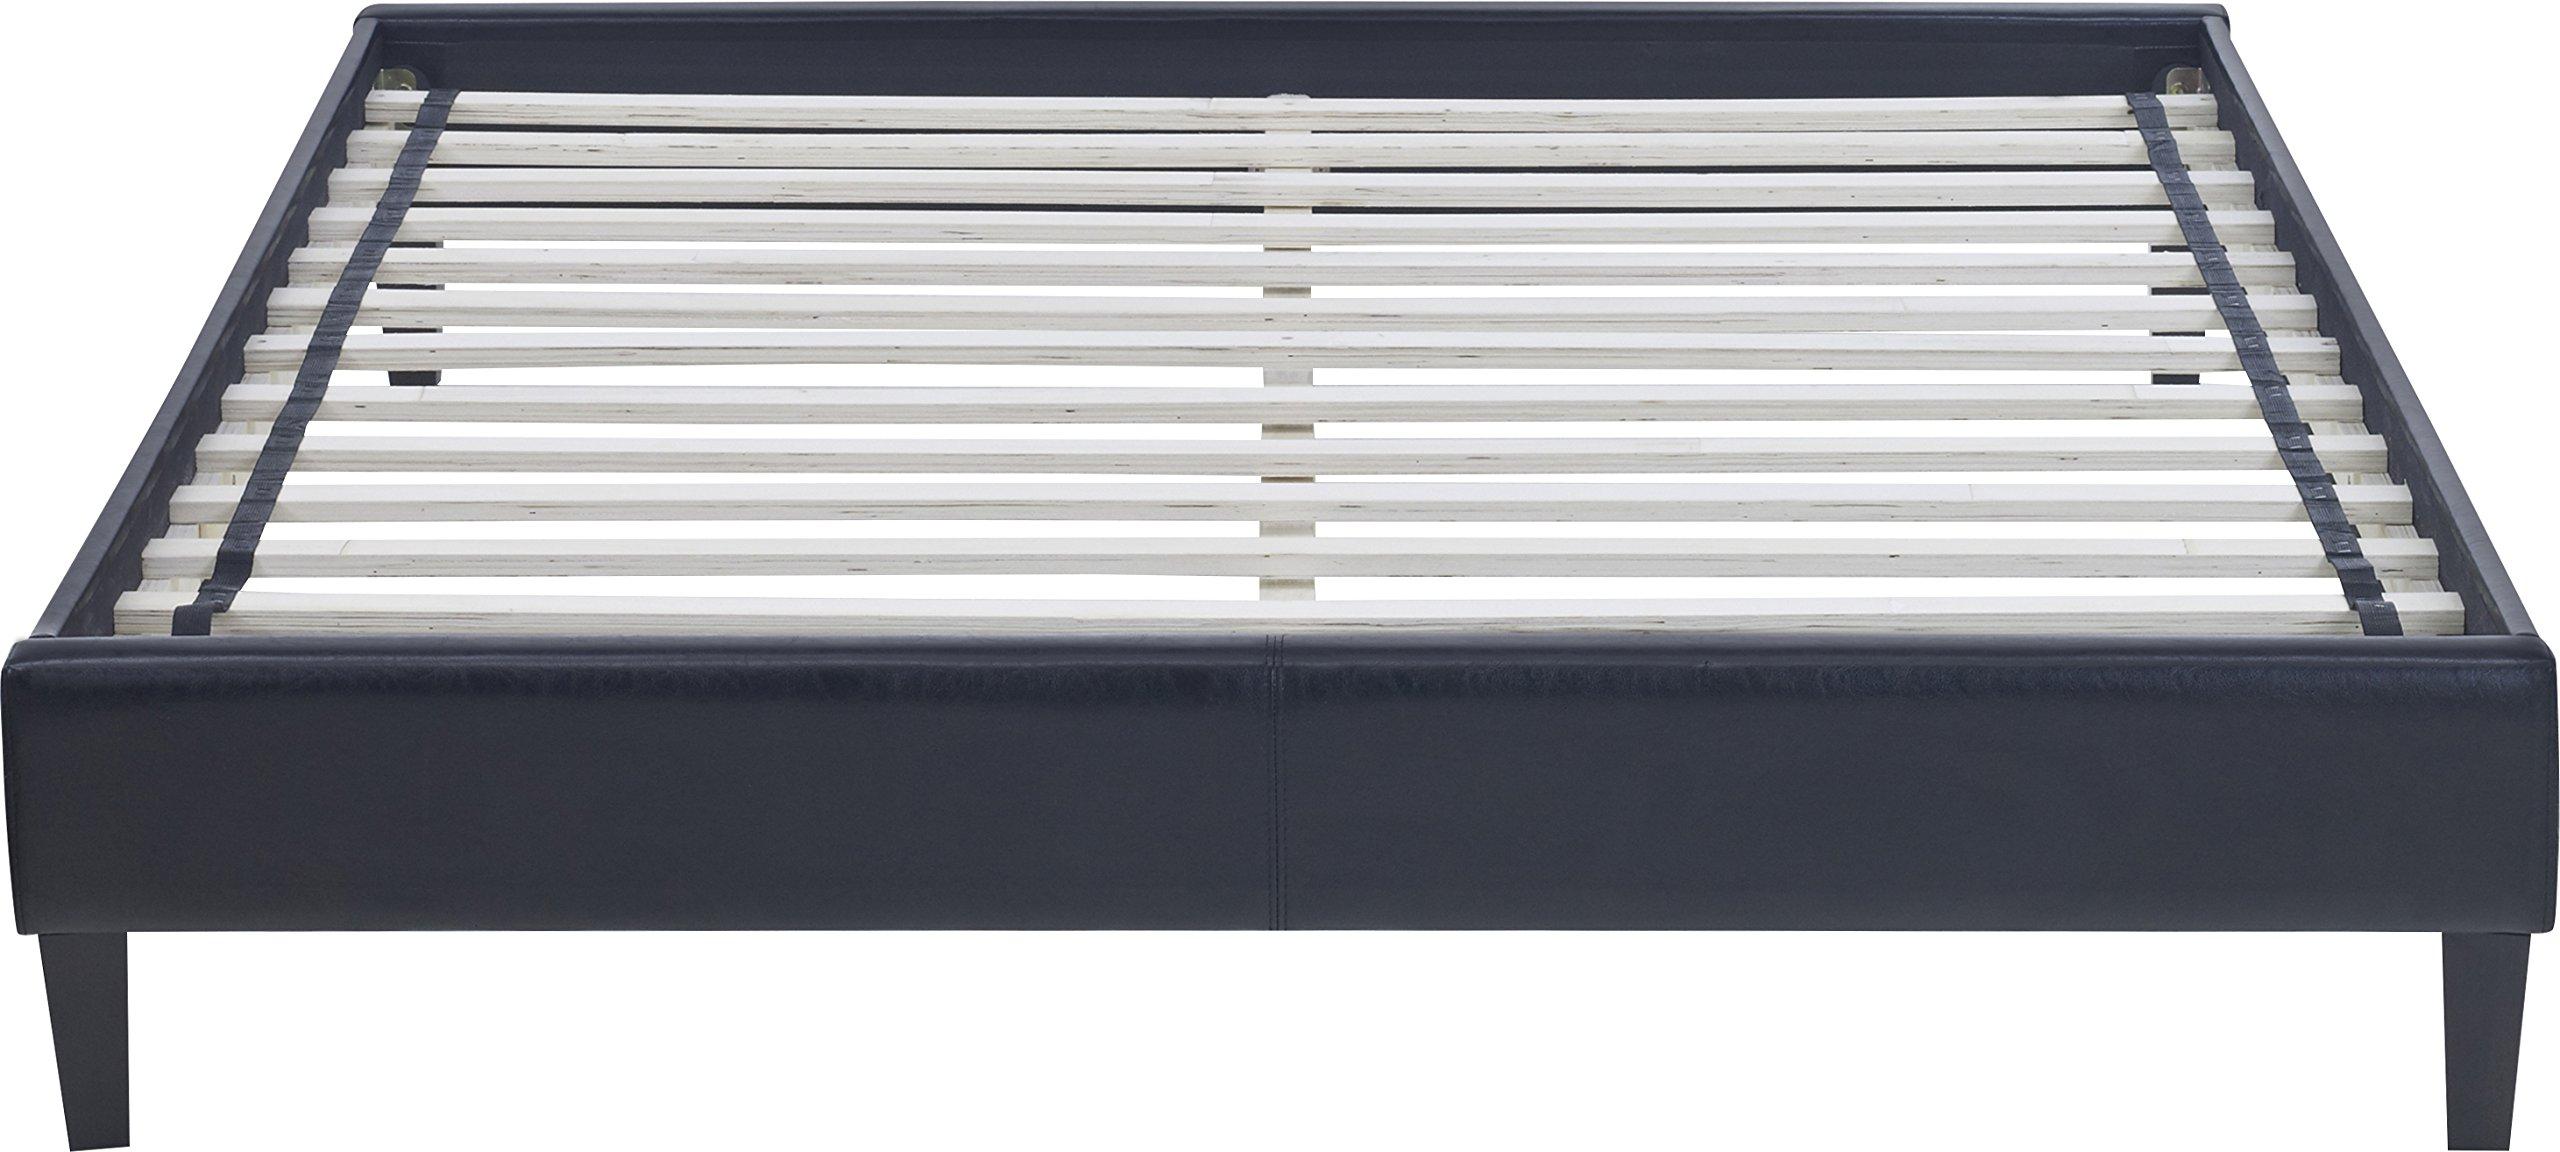 Flex Form Madigan Upholstered Platform Bed Frame with Hardwood Slats: Faux Leather, Black, Full